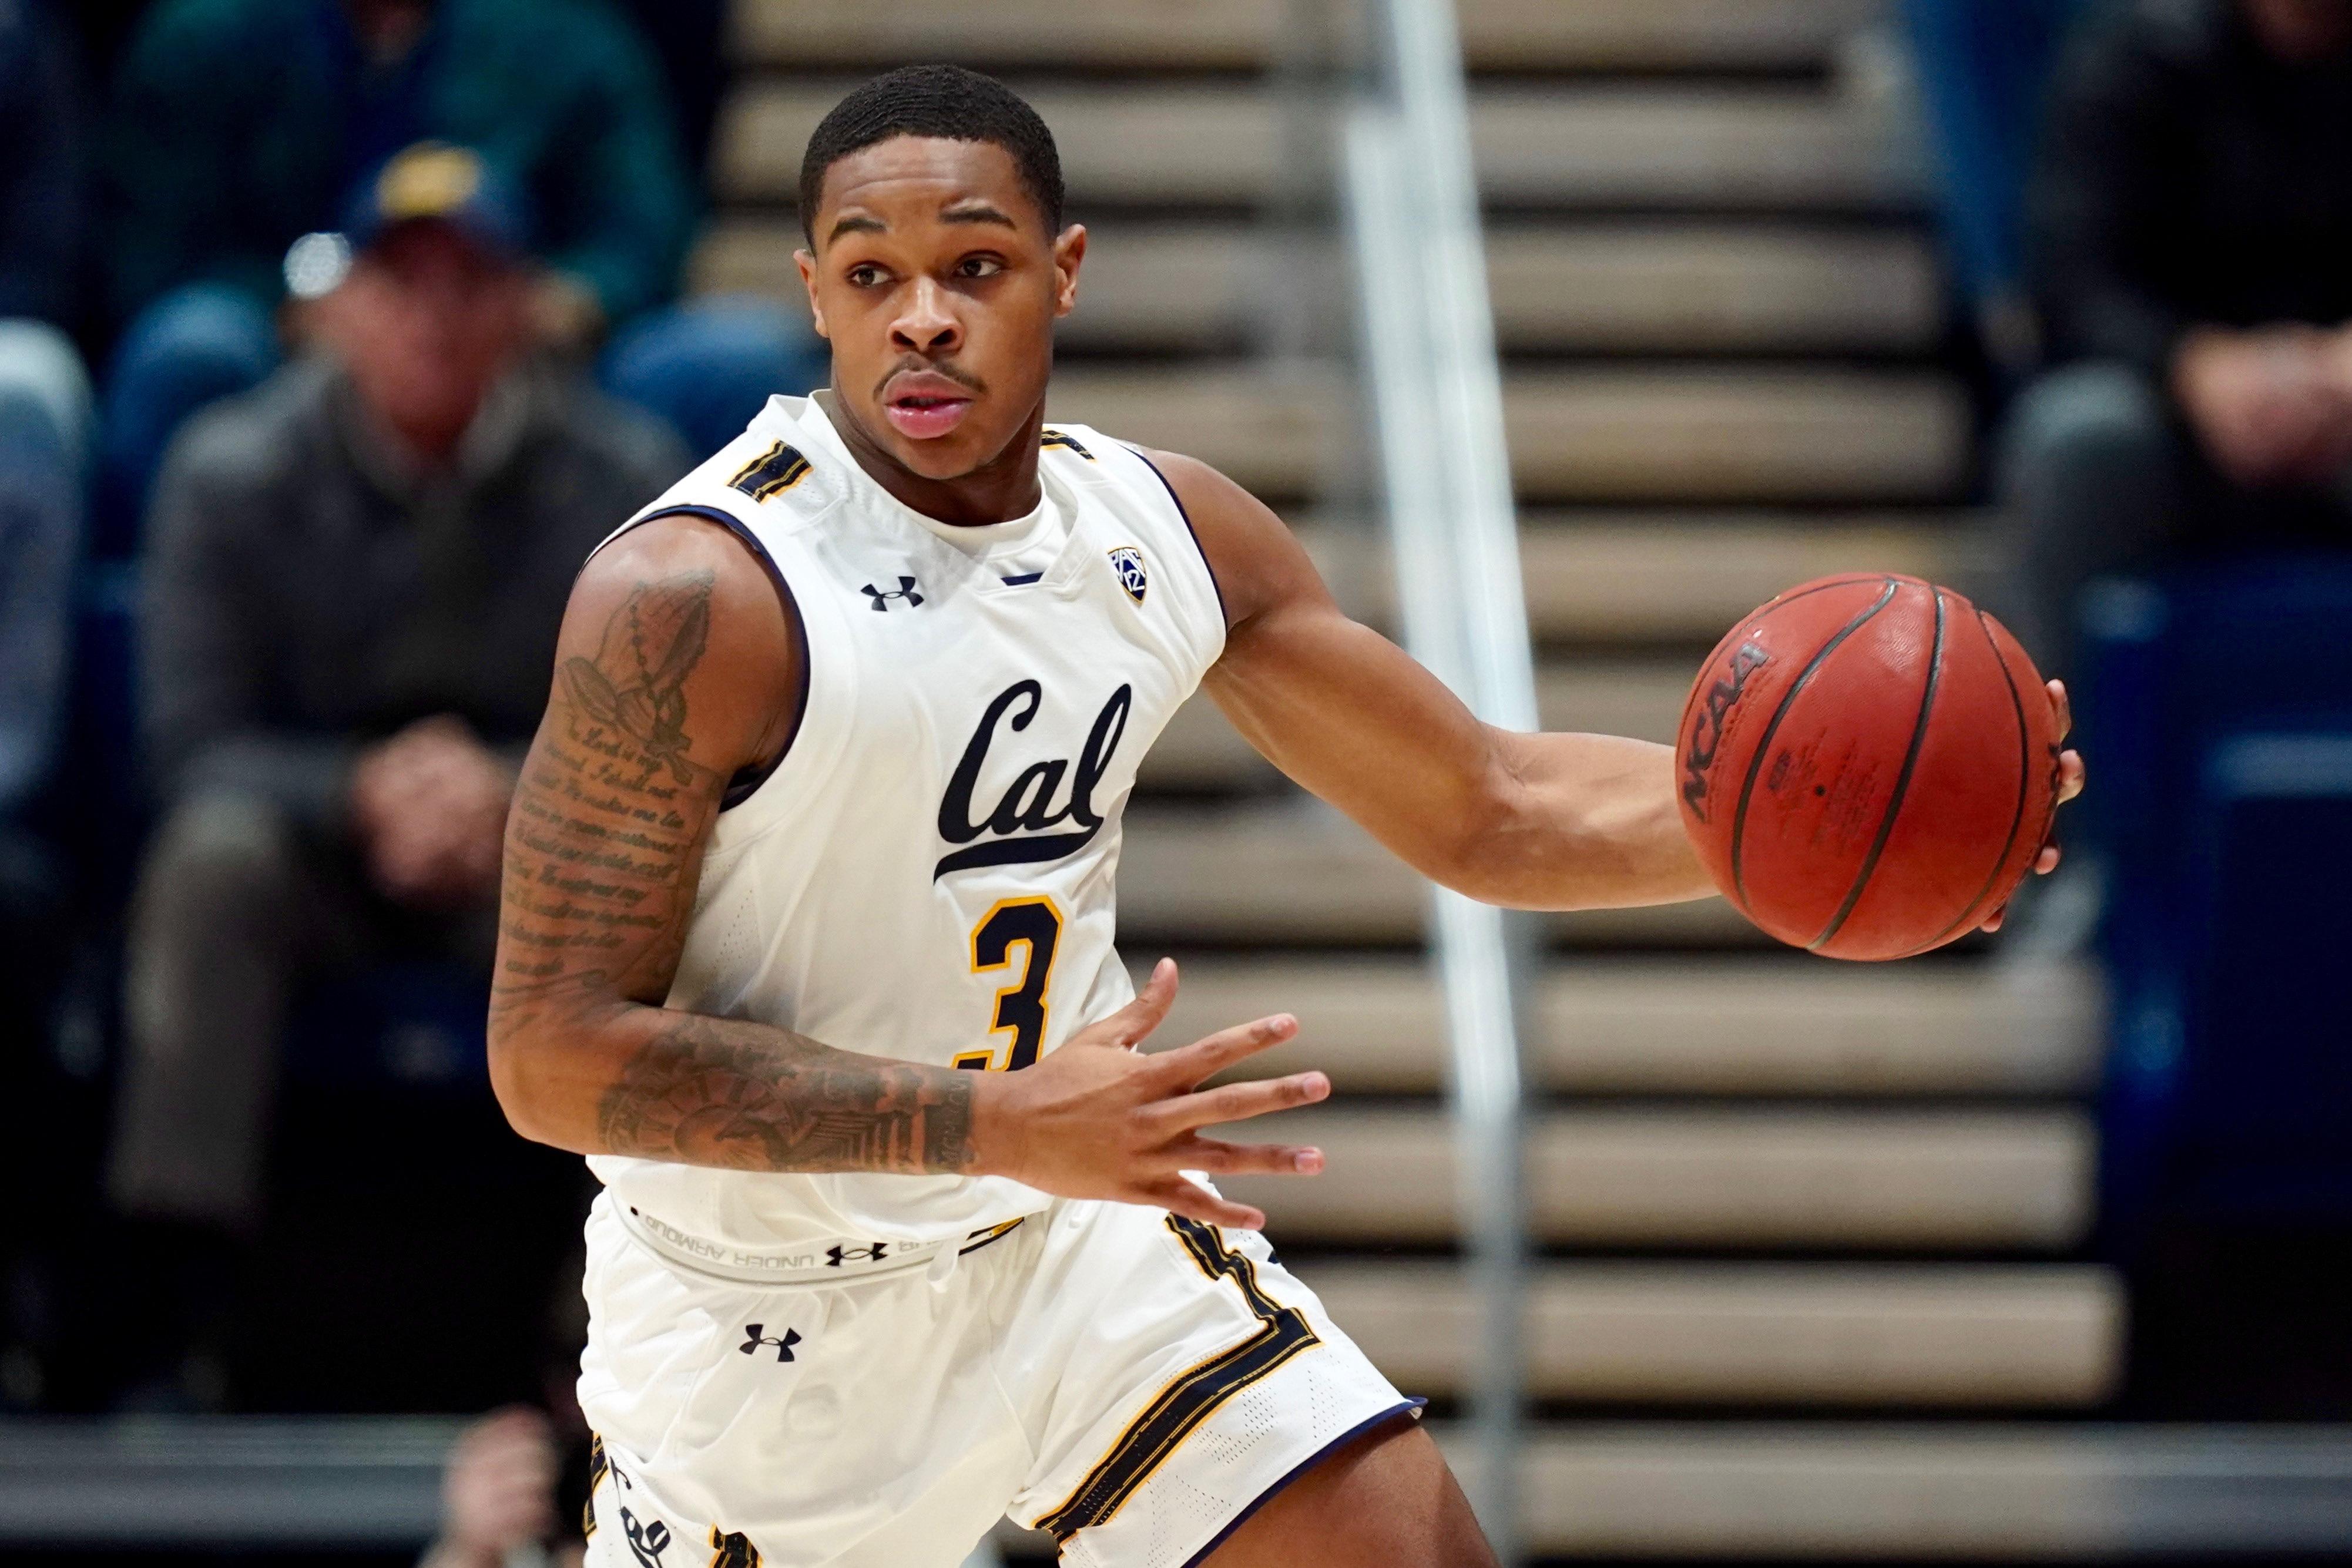 newest 61729 ba10a Cal Bears Basketball   Bleacher Report   Latest News, Scores ...